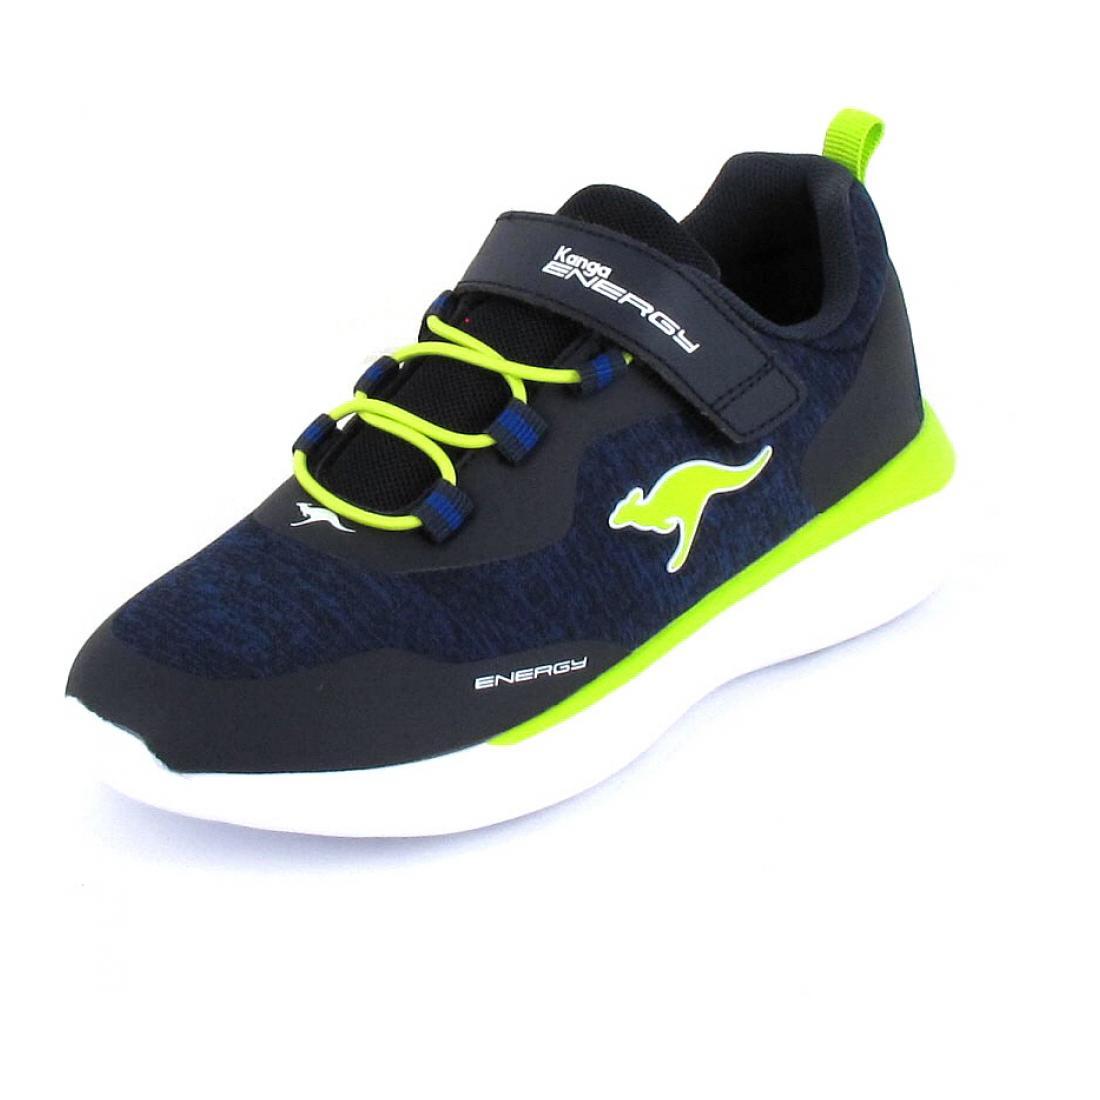 KangaRoos Sneaker KQ-Fleet EV